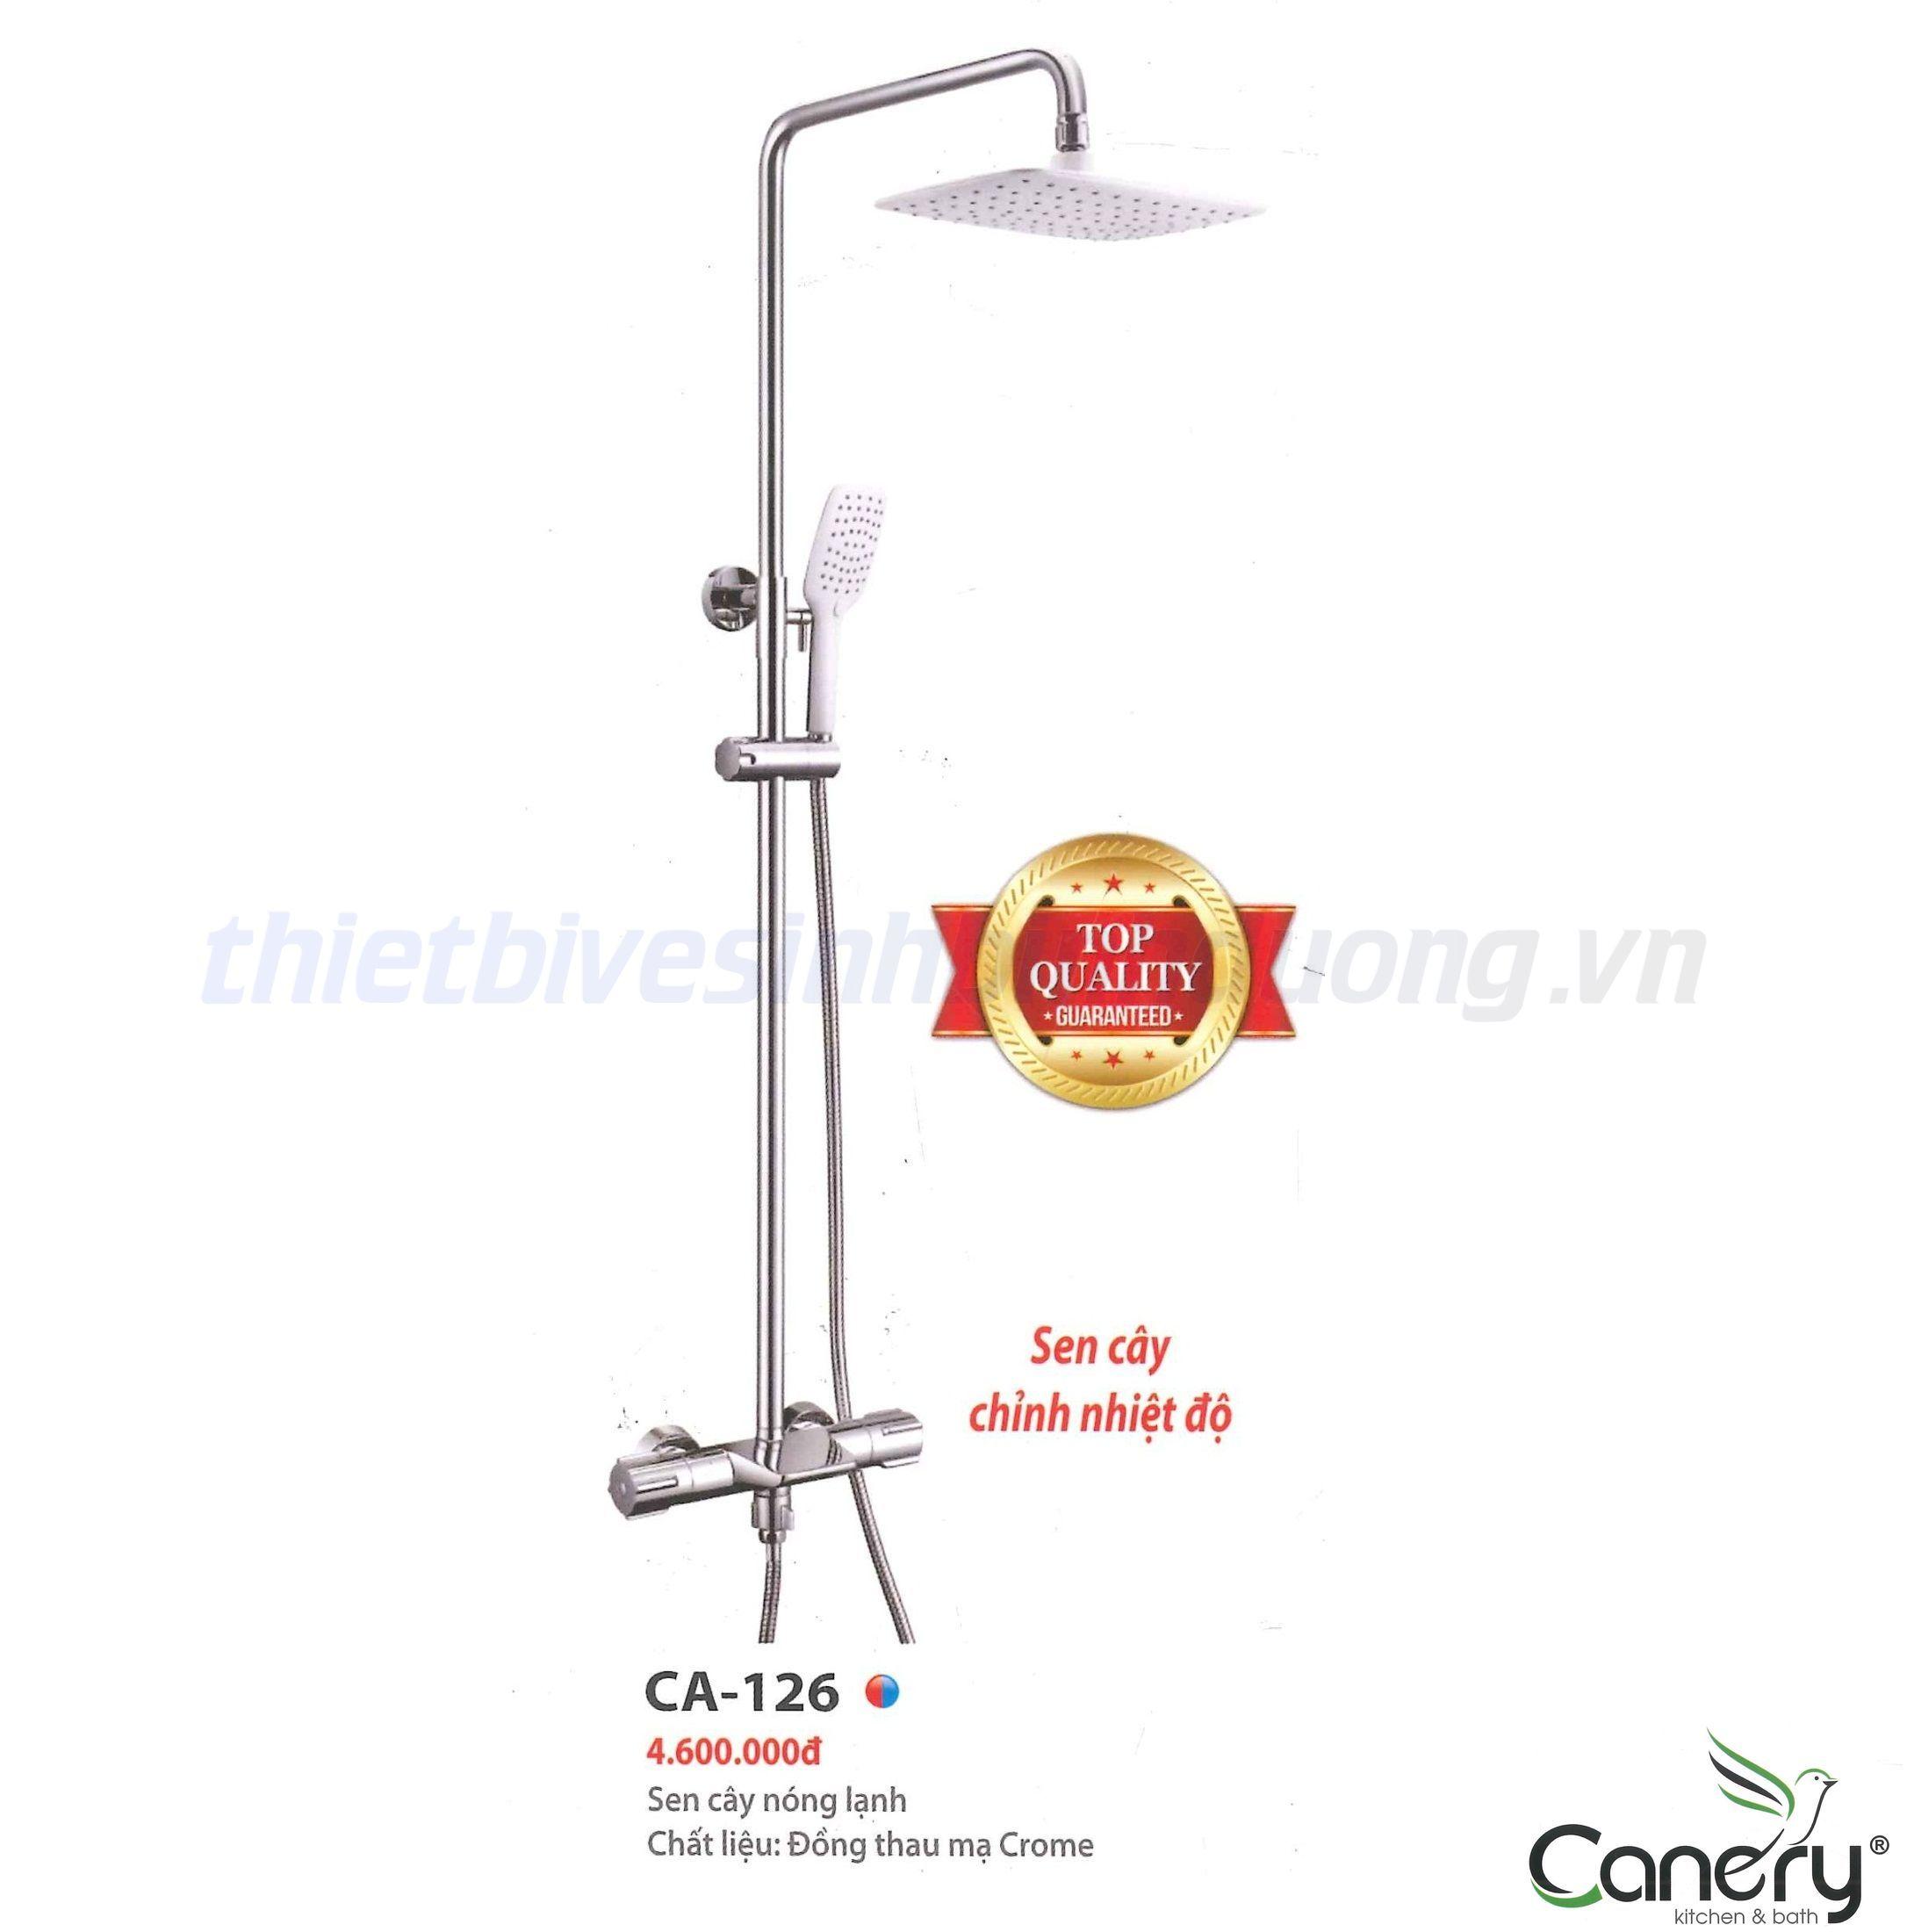 sen-cay-nong-lanh-canary-ca-126